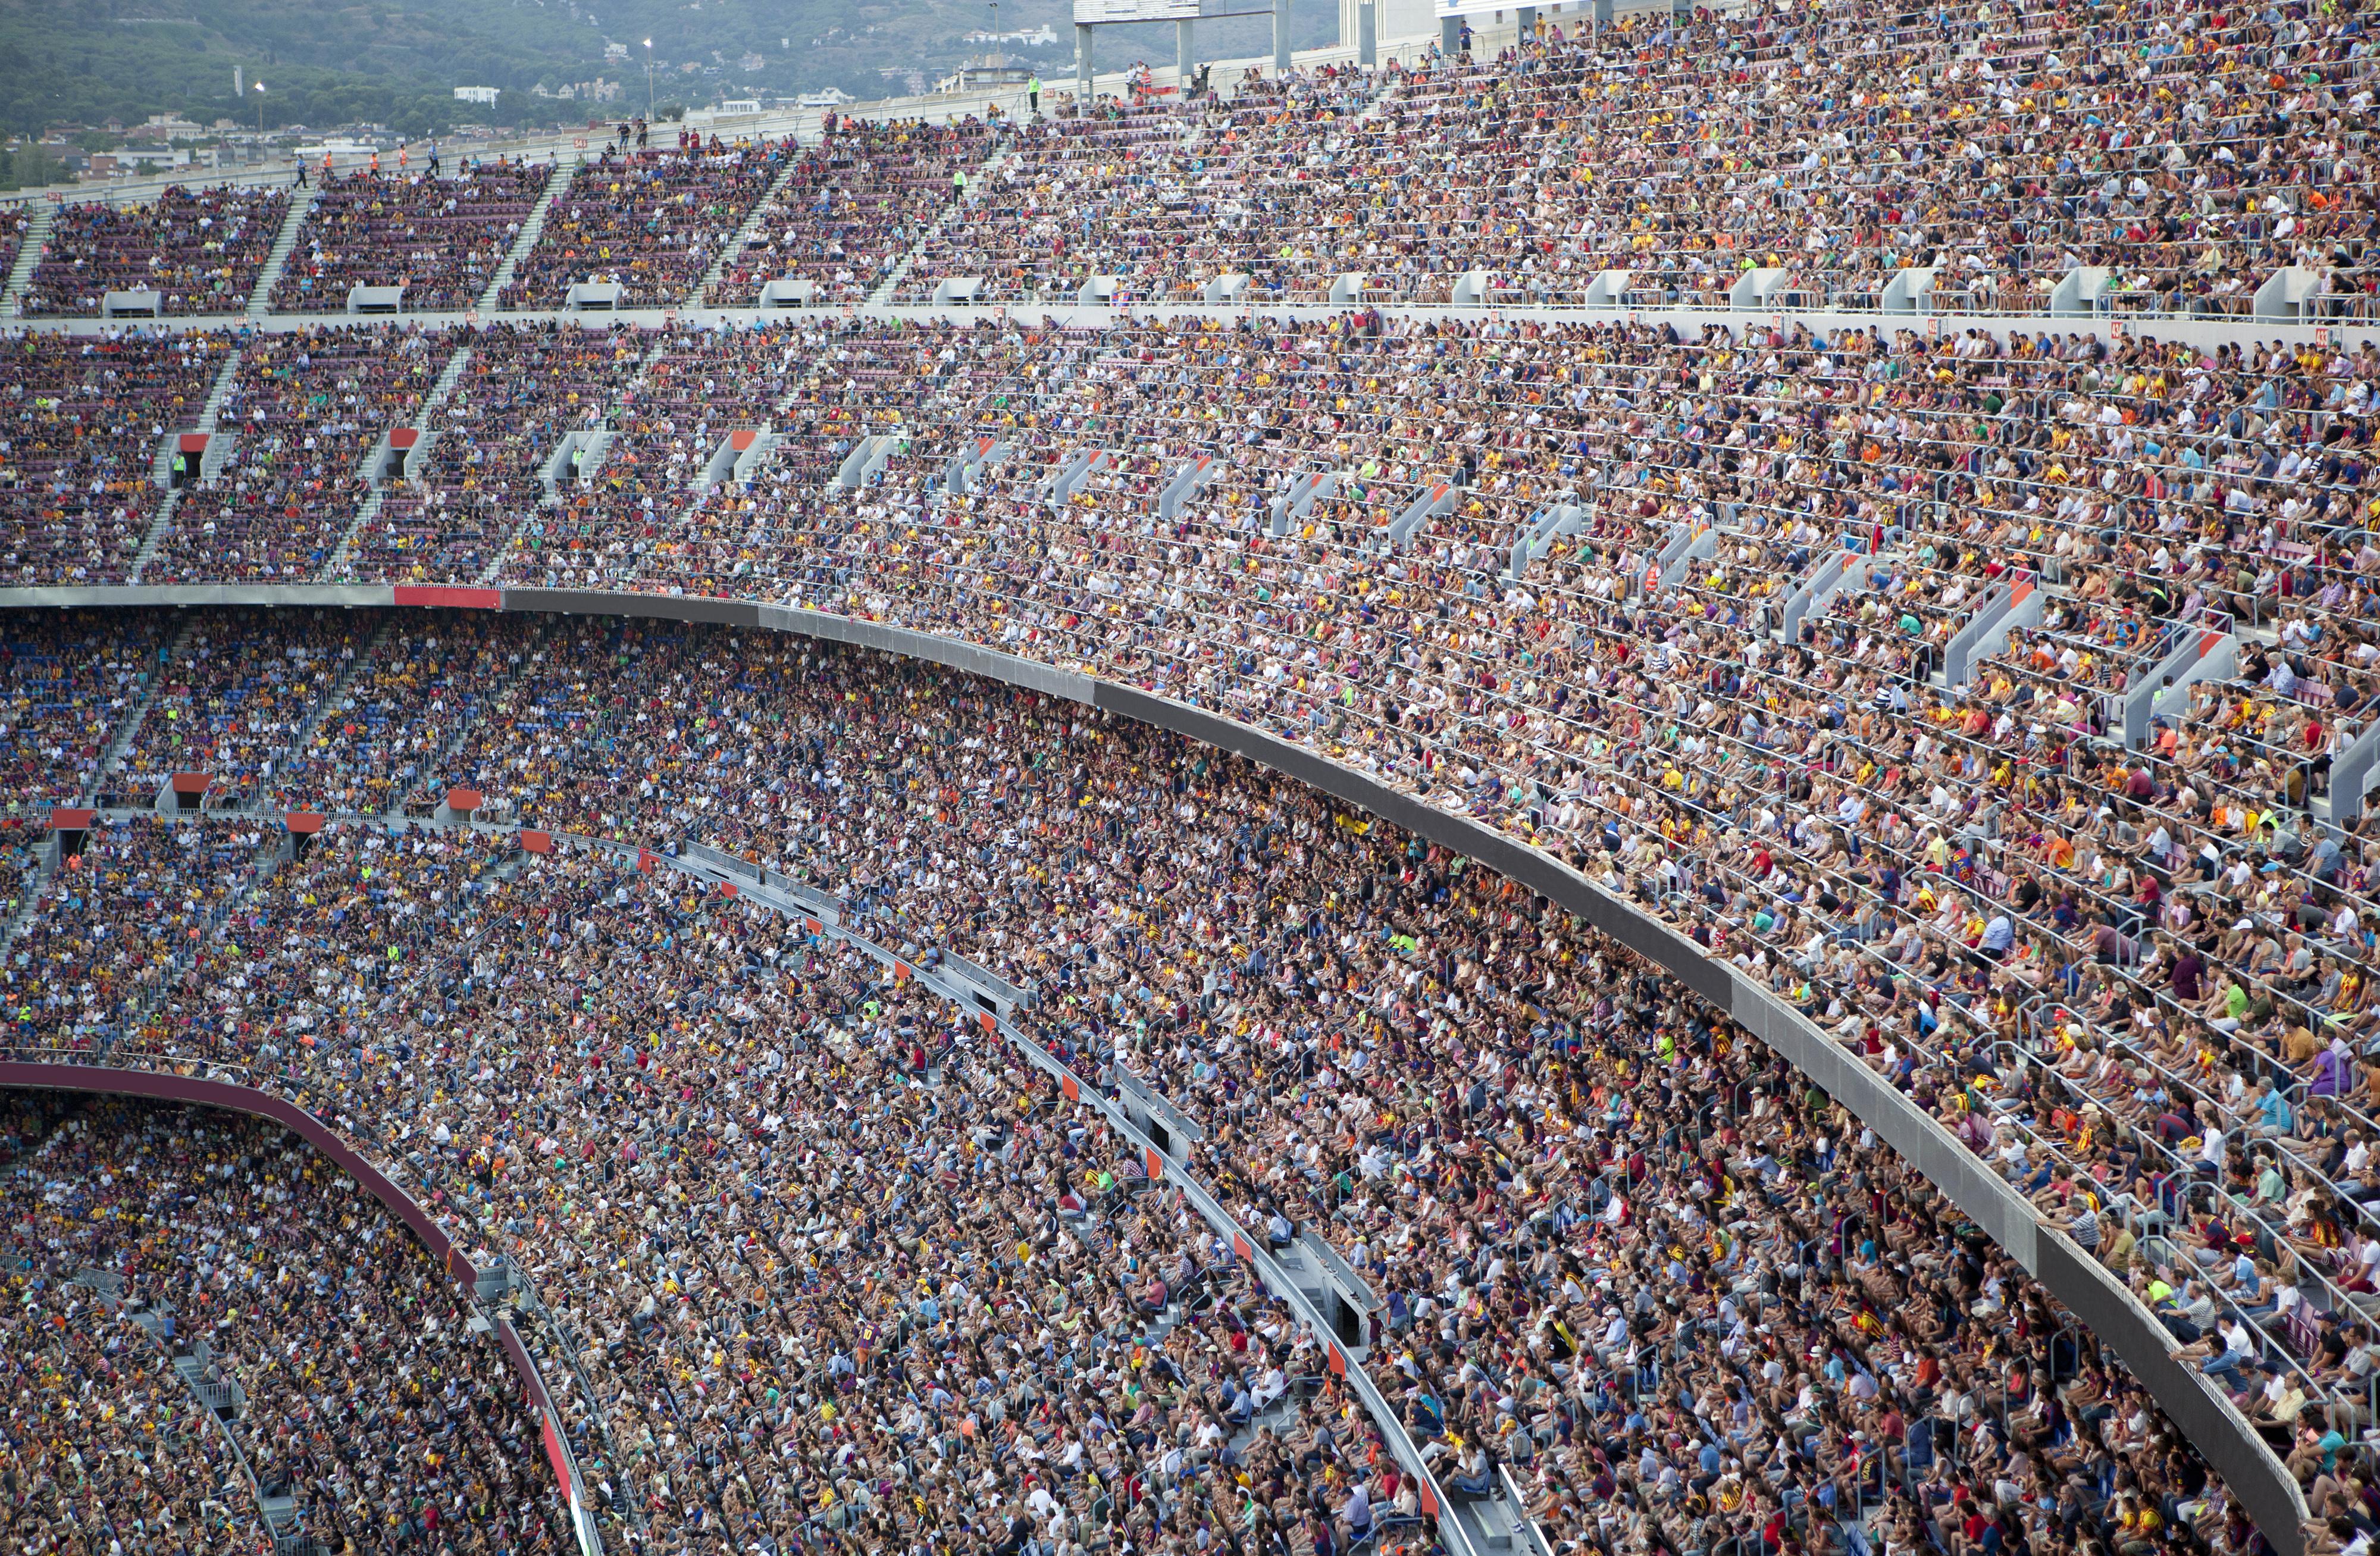 stadium full of spectators